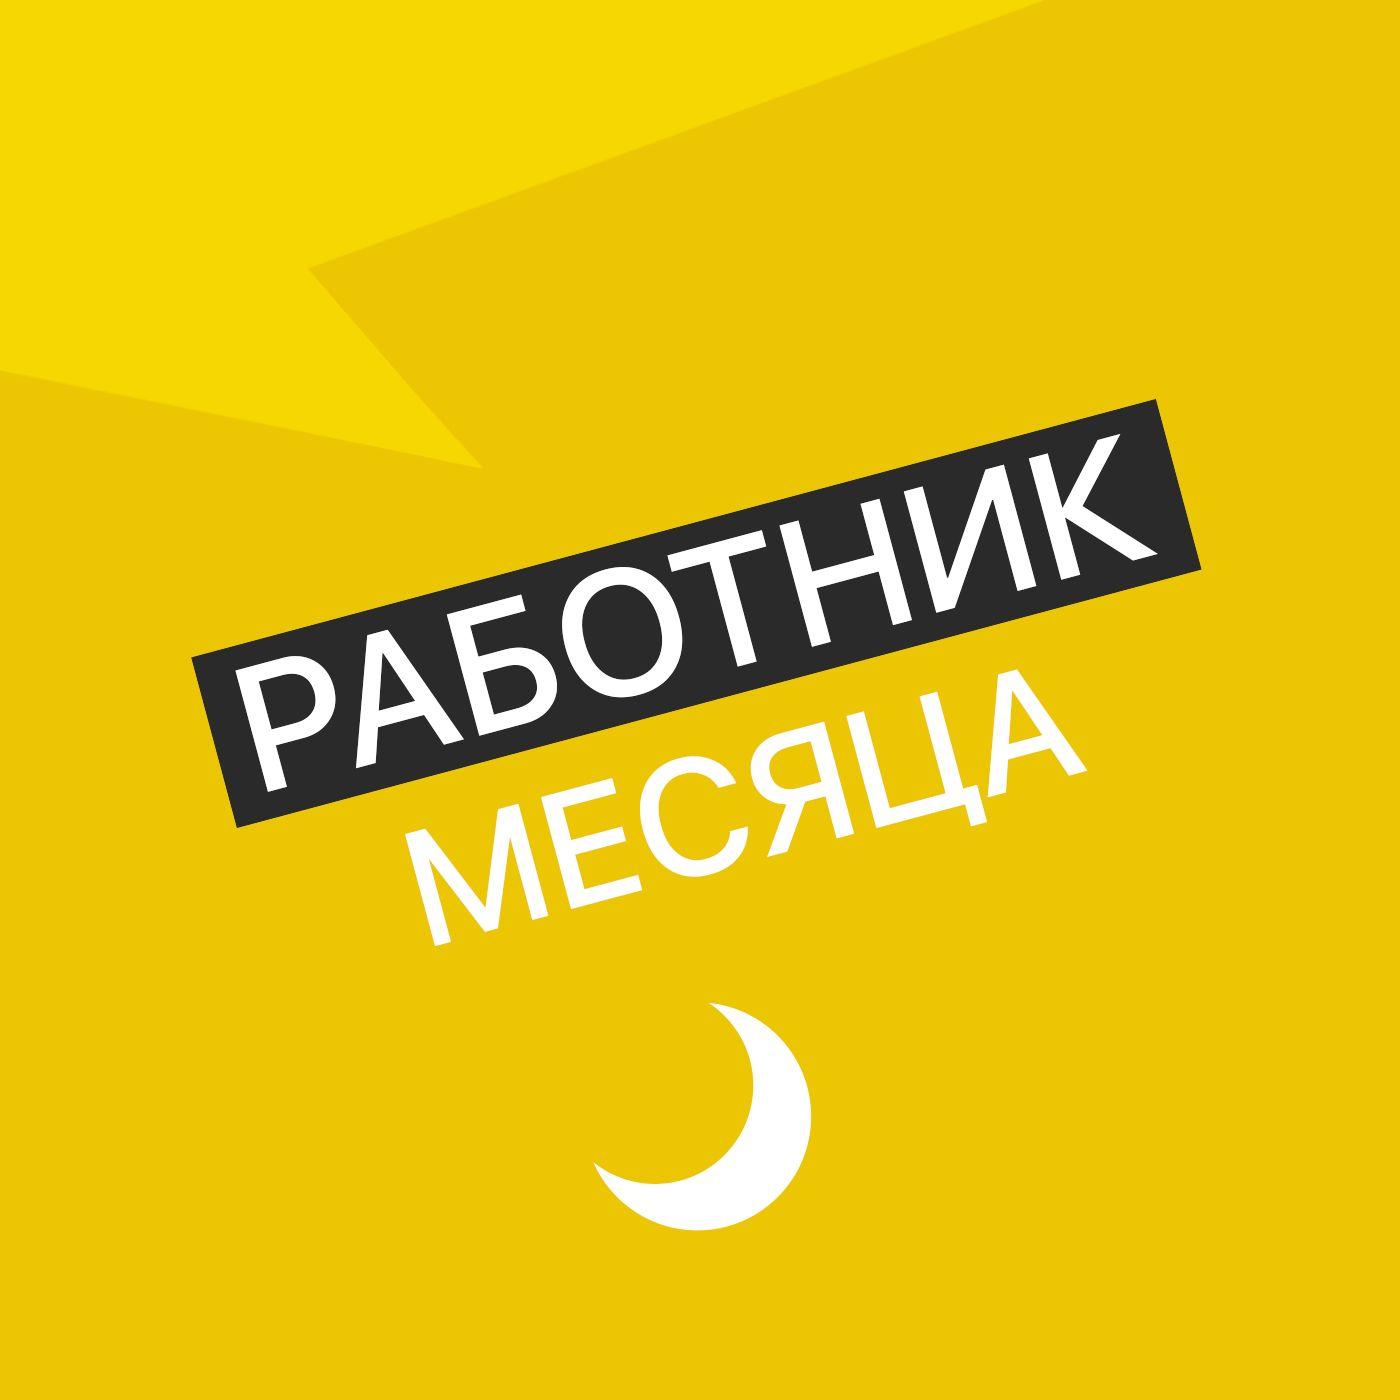 Монтажер_Творческий коллектив Mojomedia